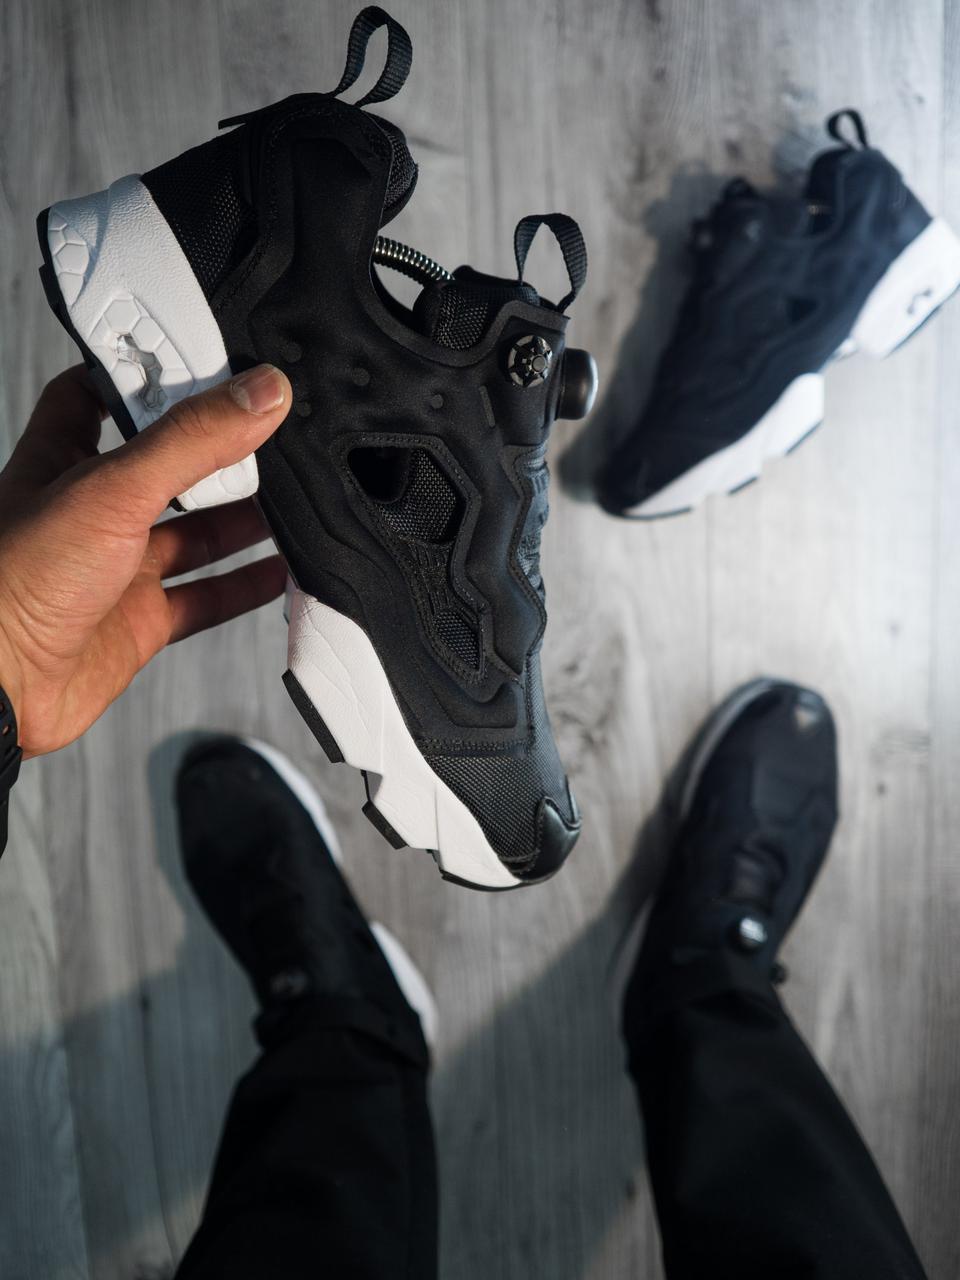 Мужские кроссовки Reebok Insta Pump Fury Черные белая подошва (реплика) -  Магазин одежды и 94112b56c15